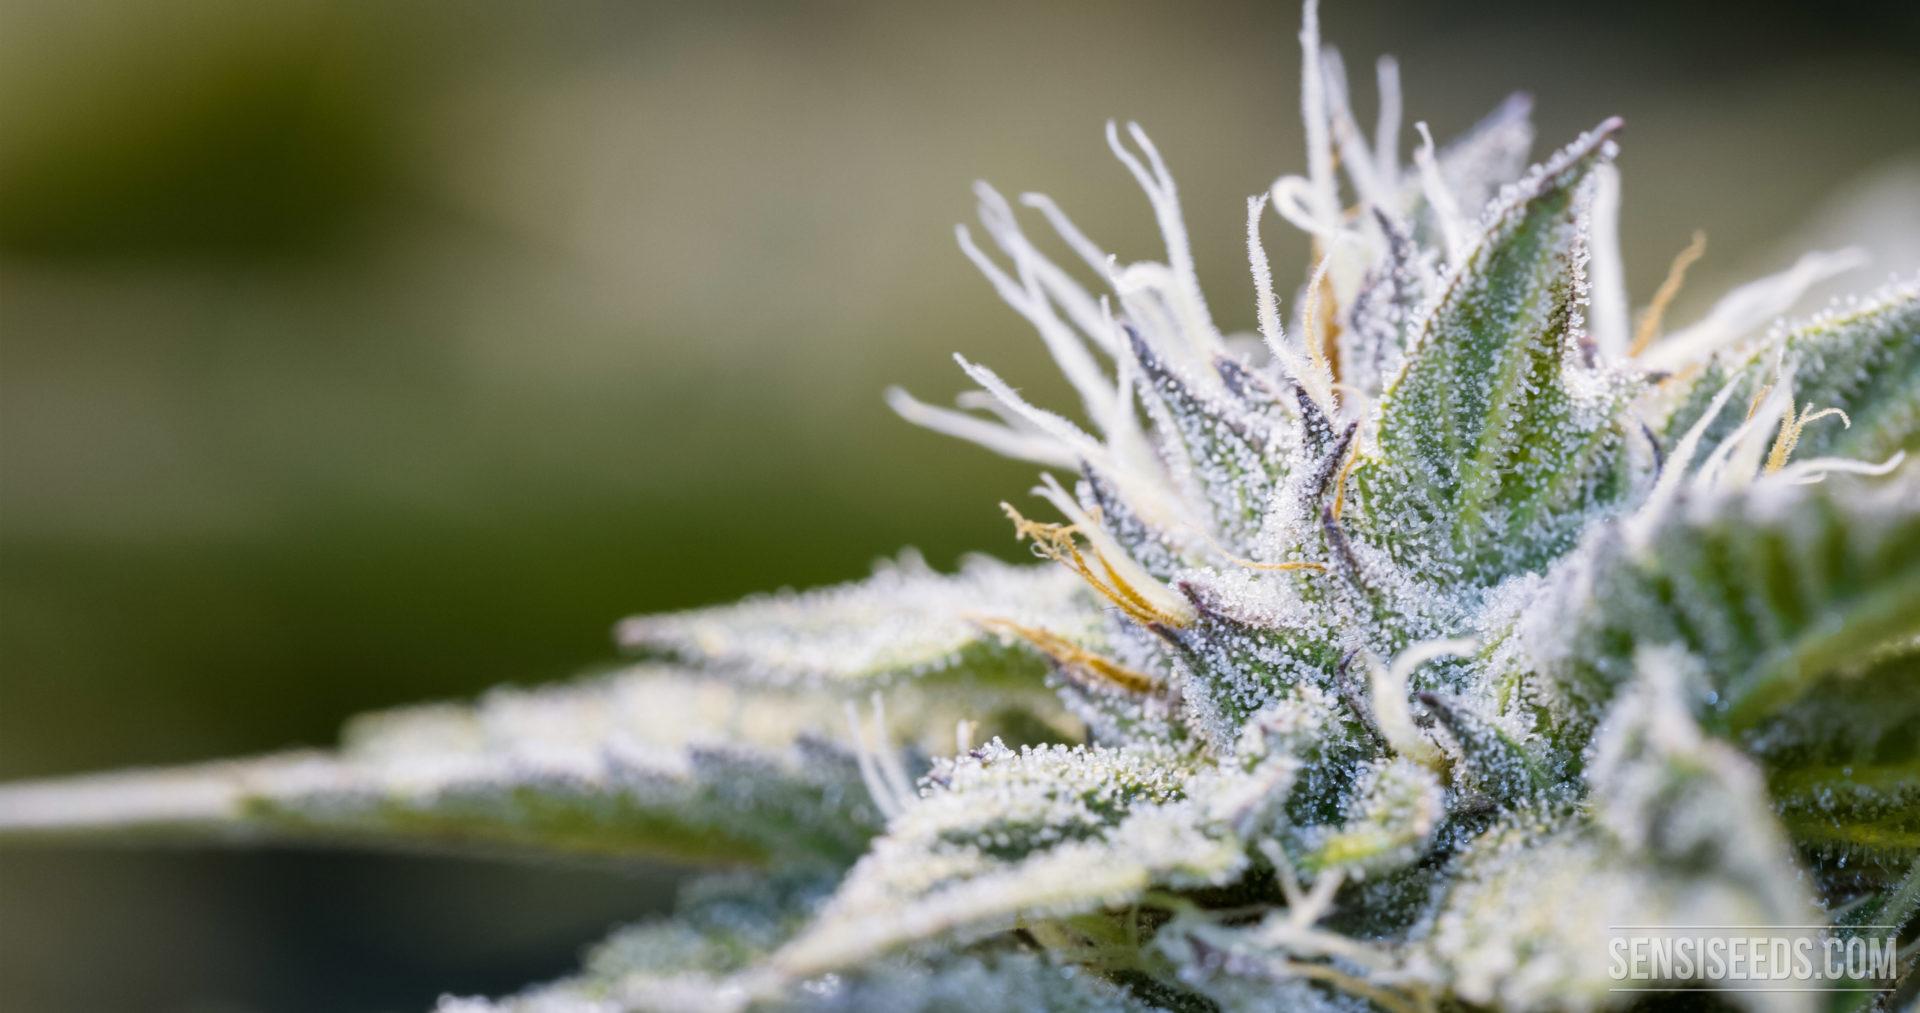 Die Teile der Cannabispflanze